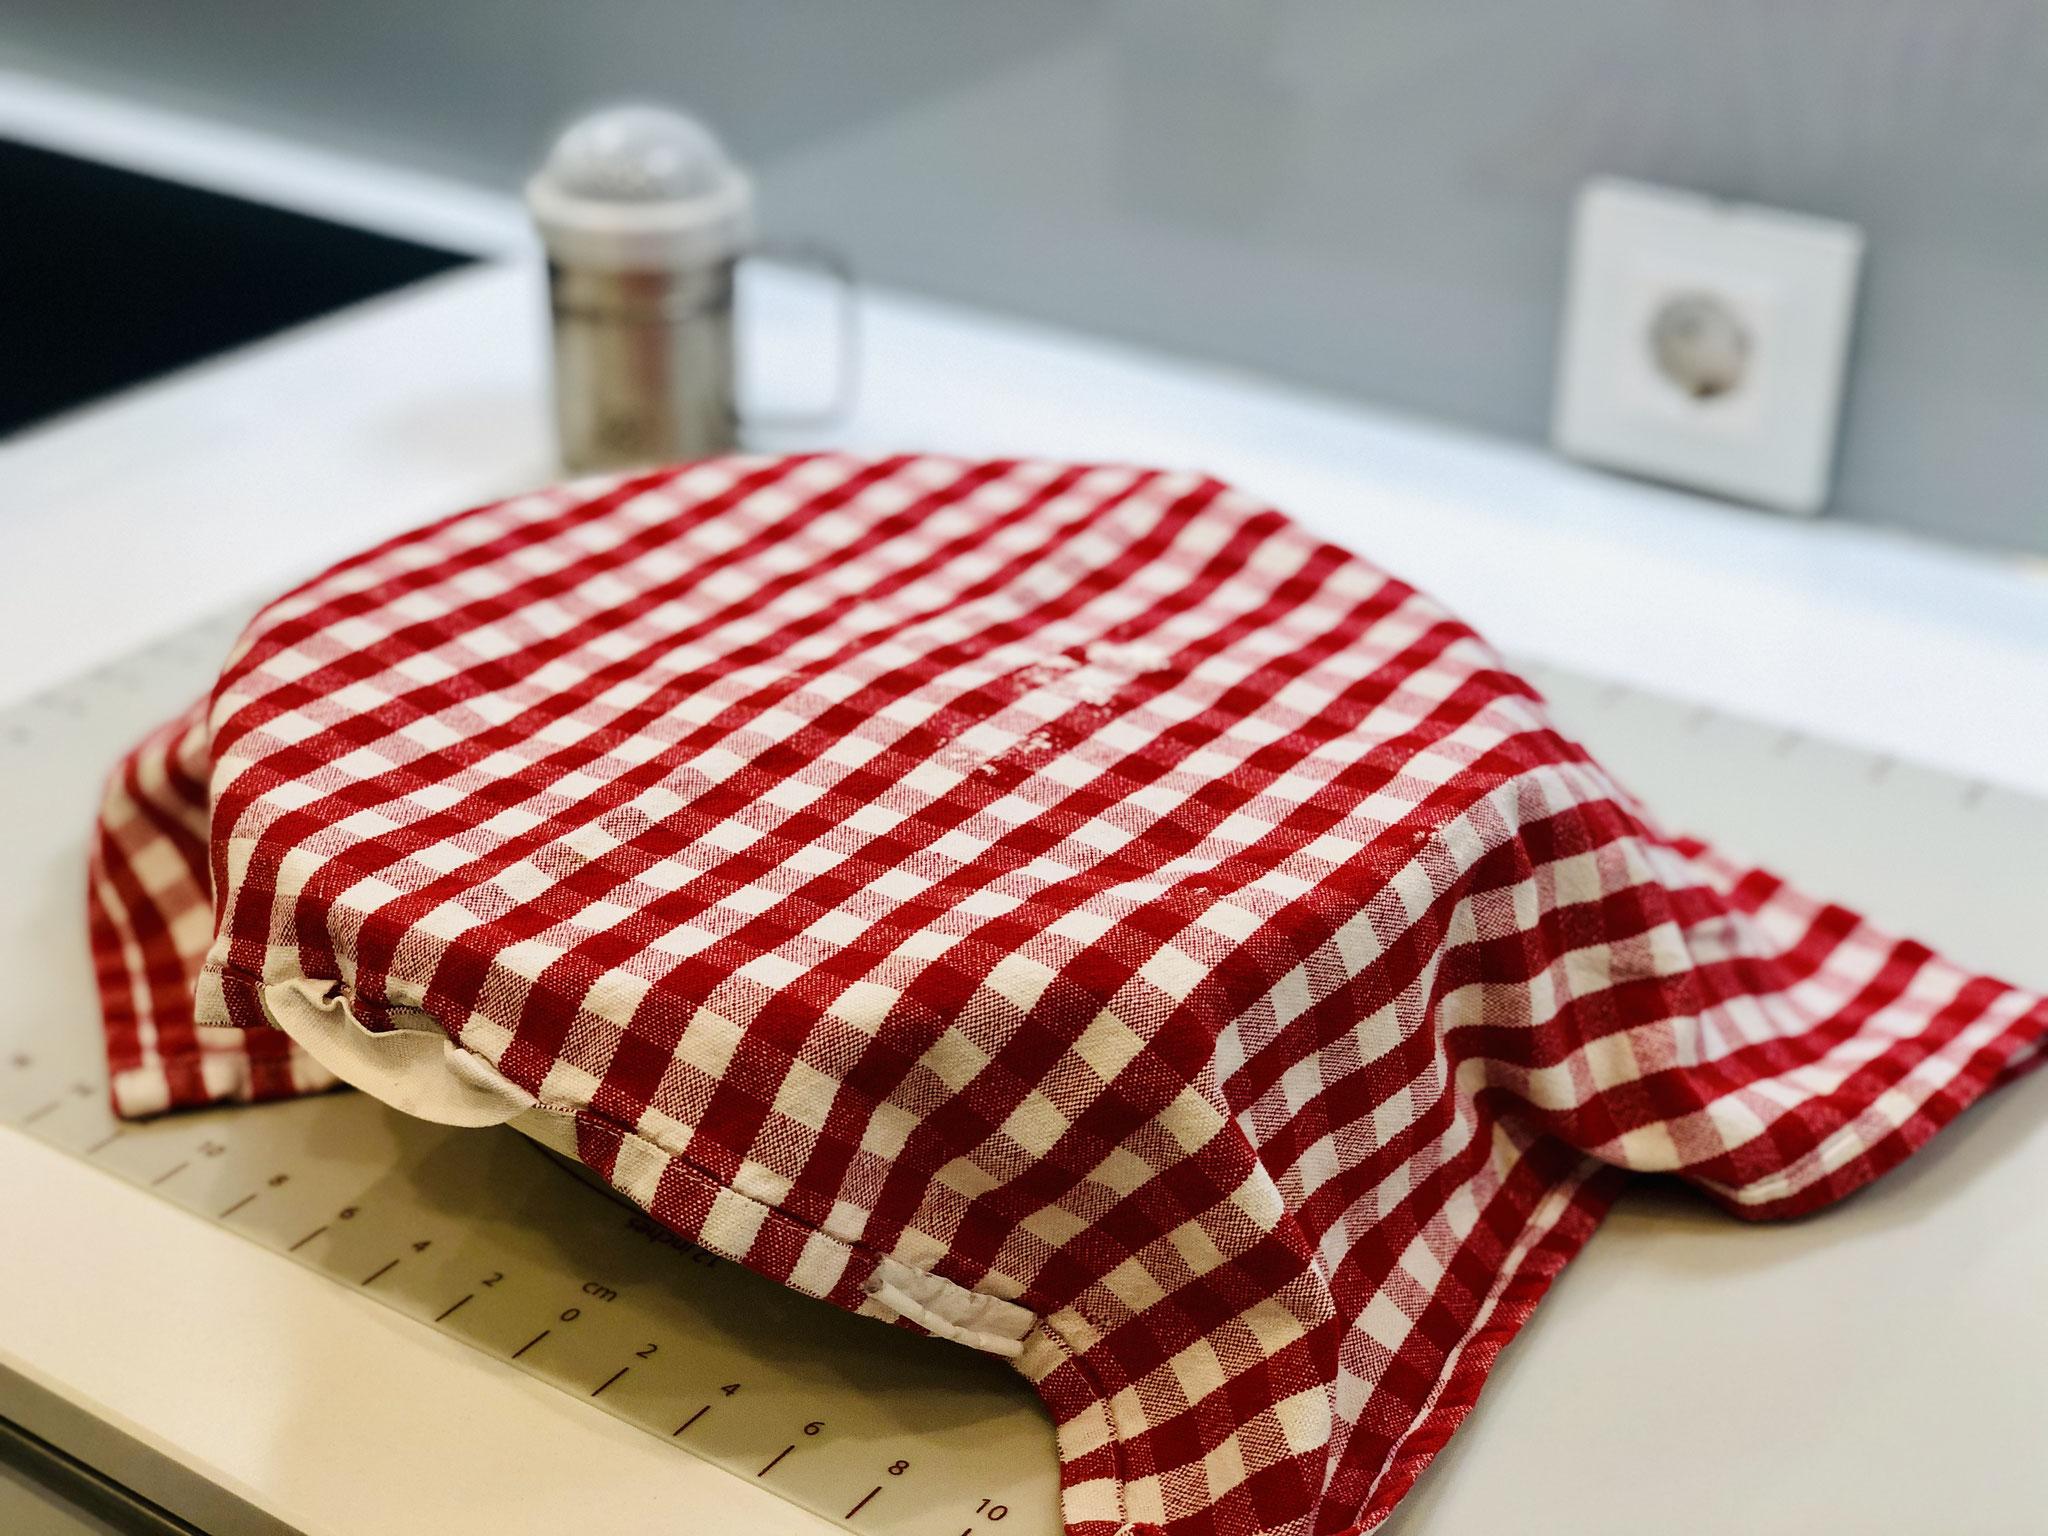 Nun legst du ein sauberes Geschirrtuch über den Teigling und lässt es an einem warmen Ort mindestens 2 Stunden ruhen...